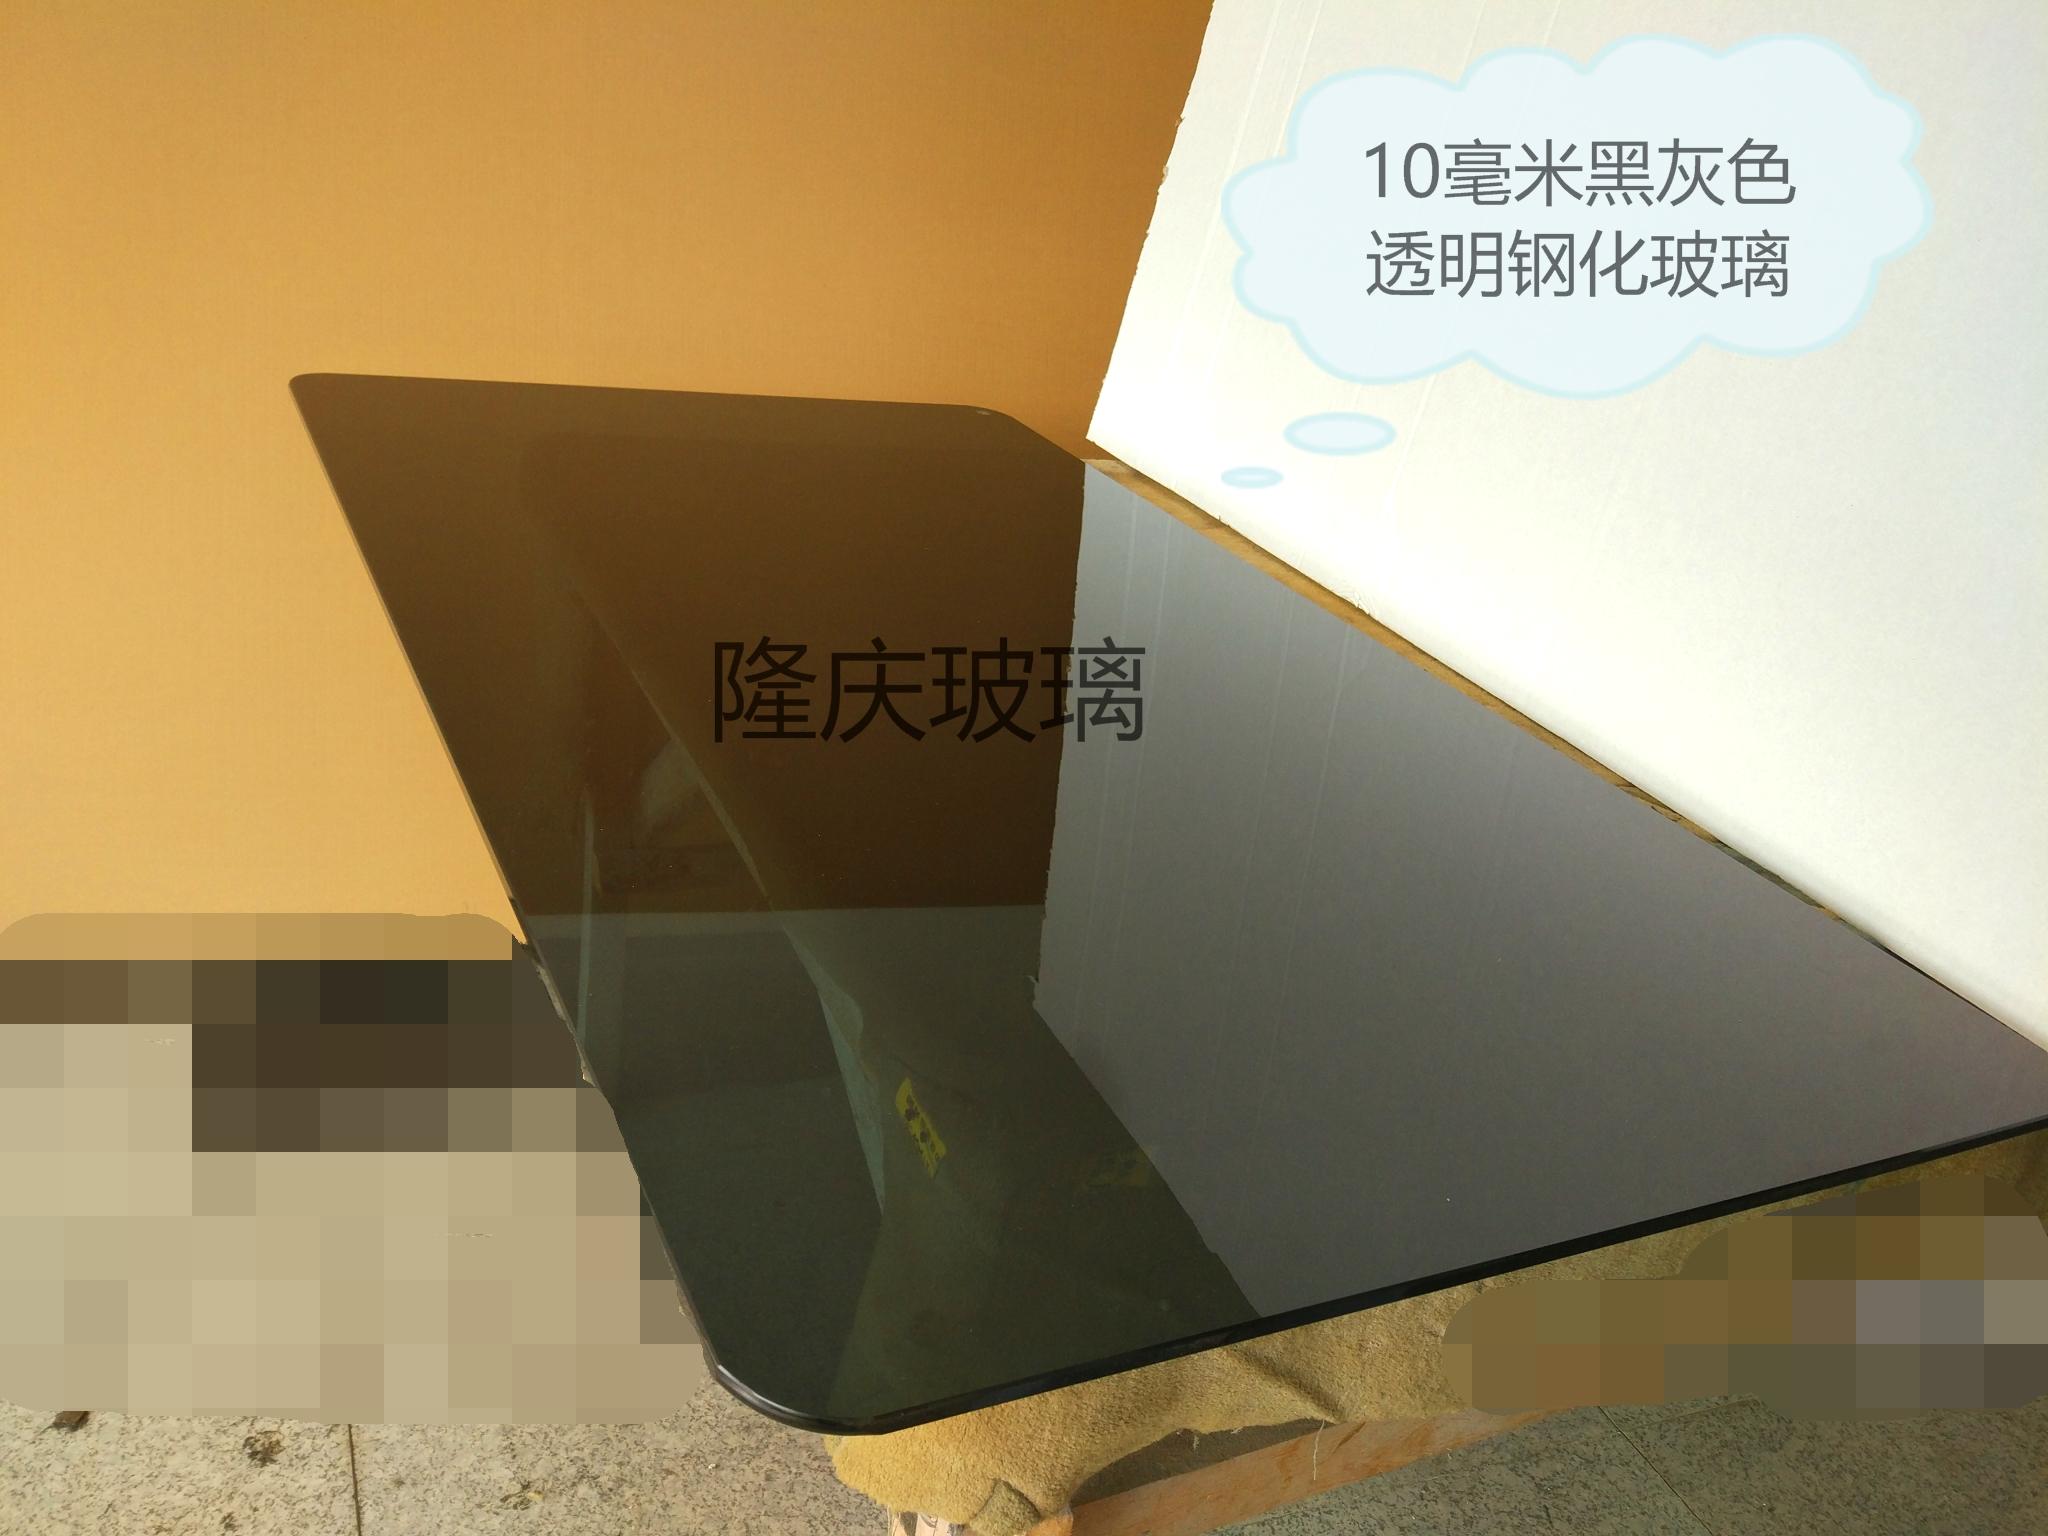 Новые товары обычай сделать серый черный цвет синий зеленый прозрачный закалённое стекло рабочий стол отрезать ламинаты больше охрана окружающей среды красивый